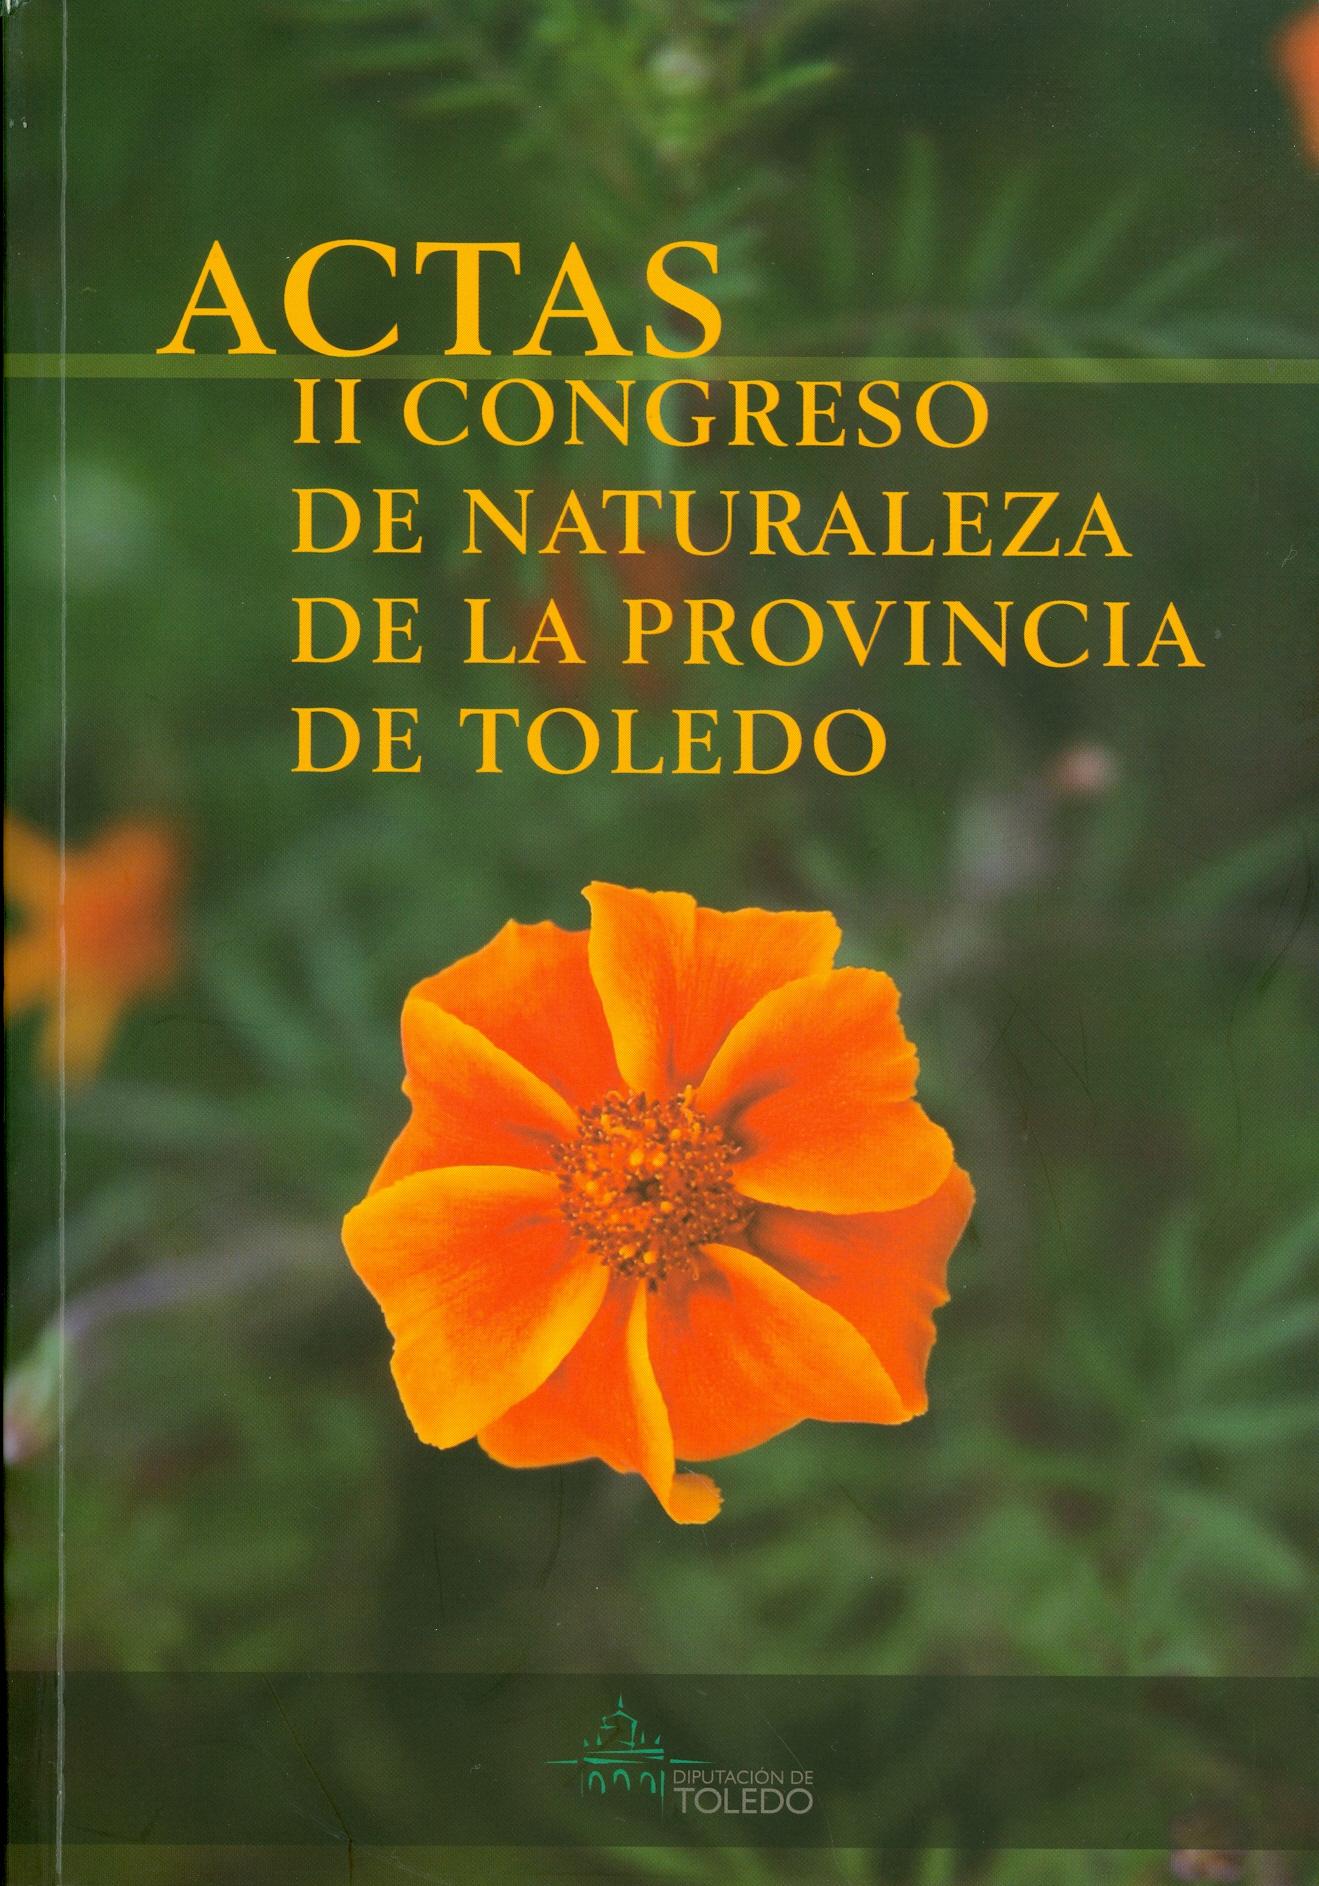 Actas II congreso de naturaleza de la provincia de Toledo